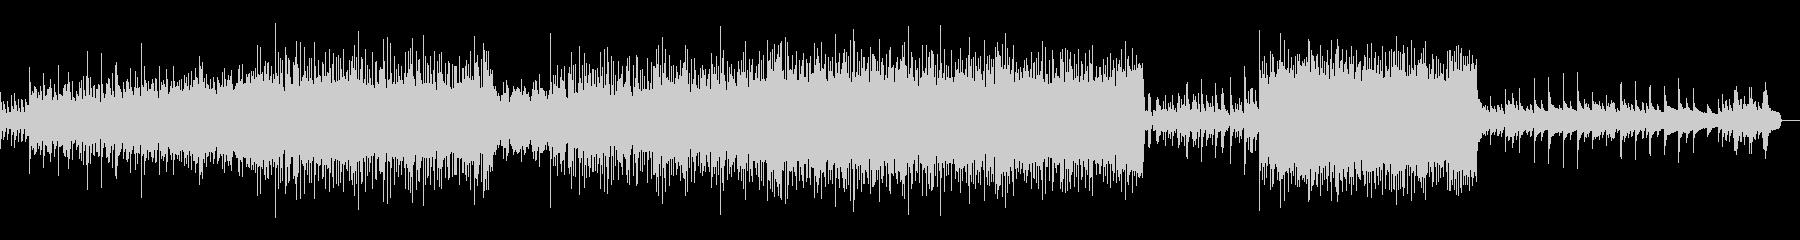 温かいメロディの祝福ストリングスポップの未再生の波形